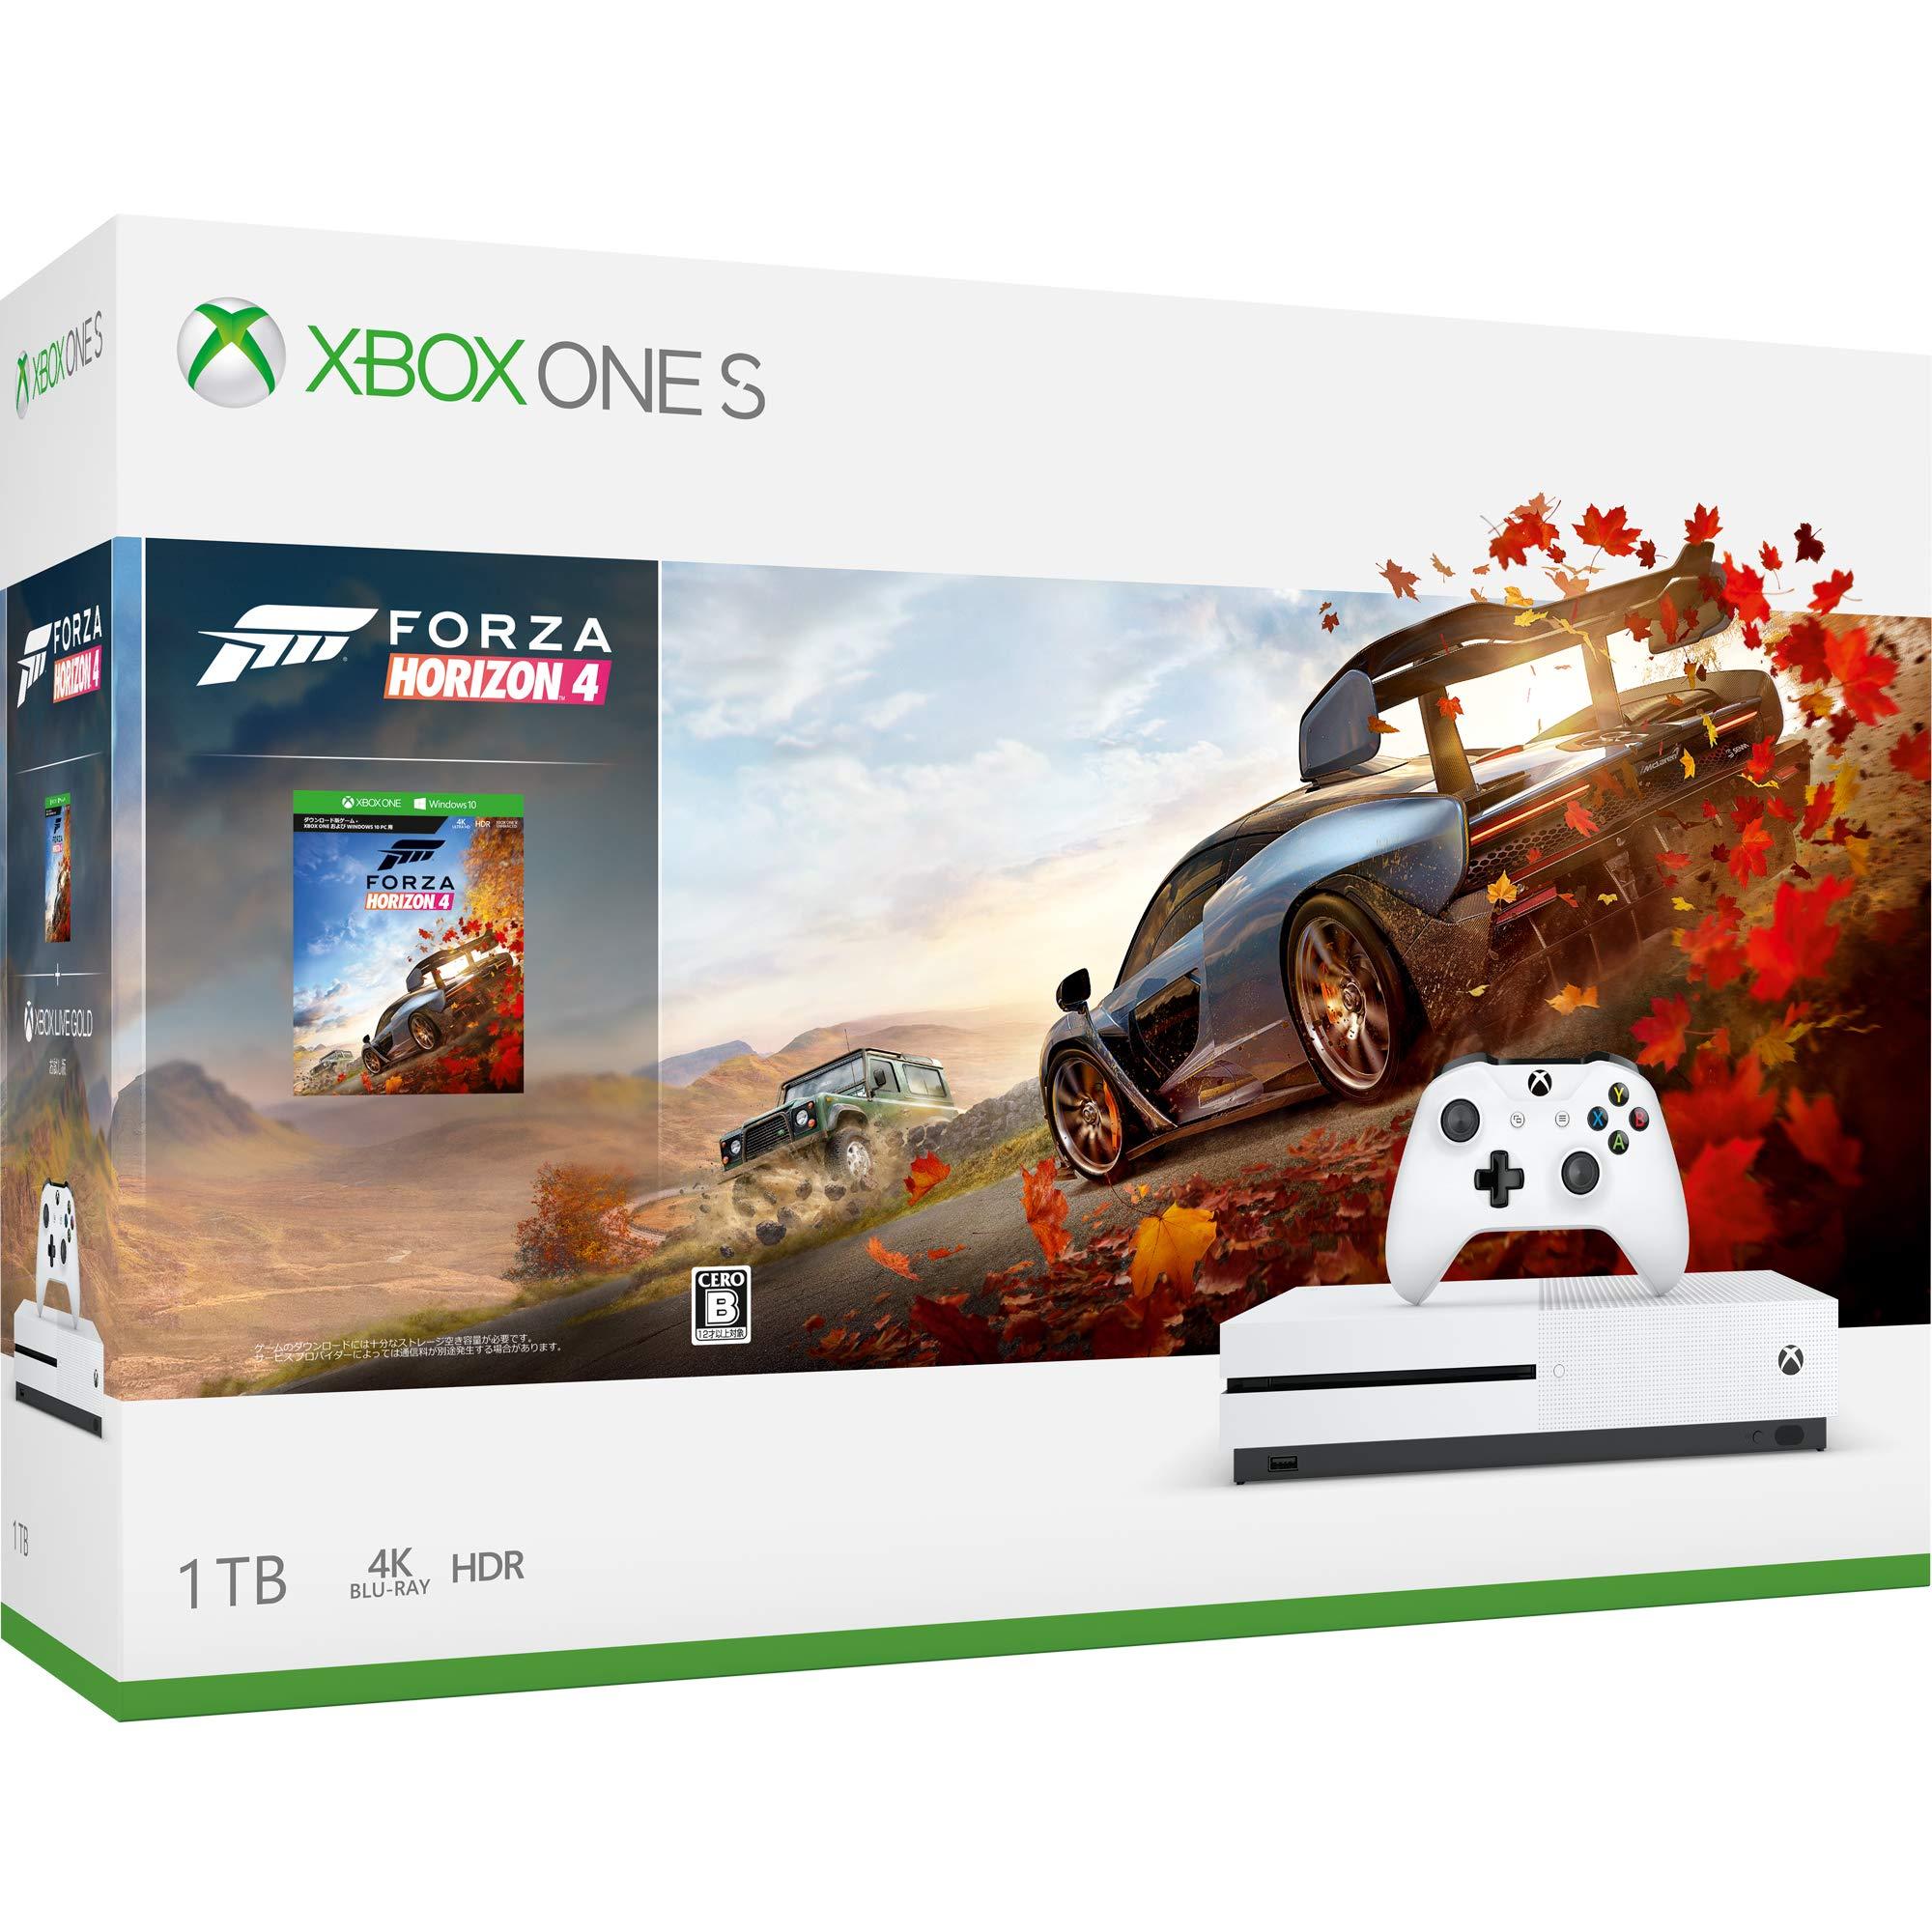 【12月31日まで5,400円割引】Xbox One S Forza Horizon 4 同梱版